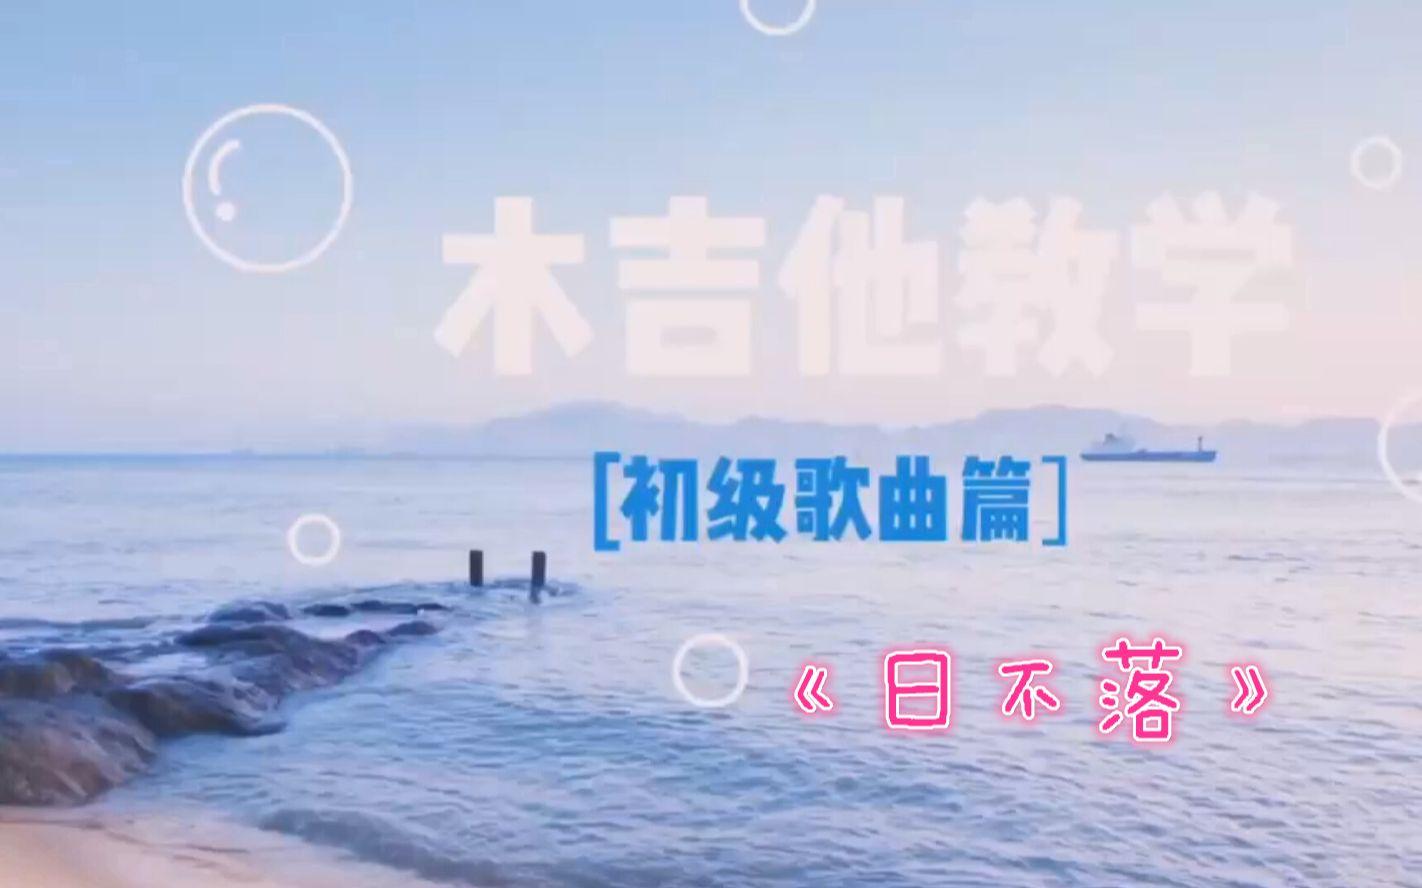 【初级歌曲篇】第①课 —《日不落》「简单版」弹唱教学(附谱)